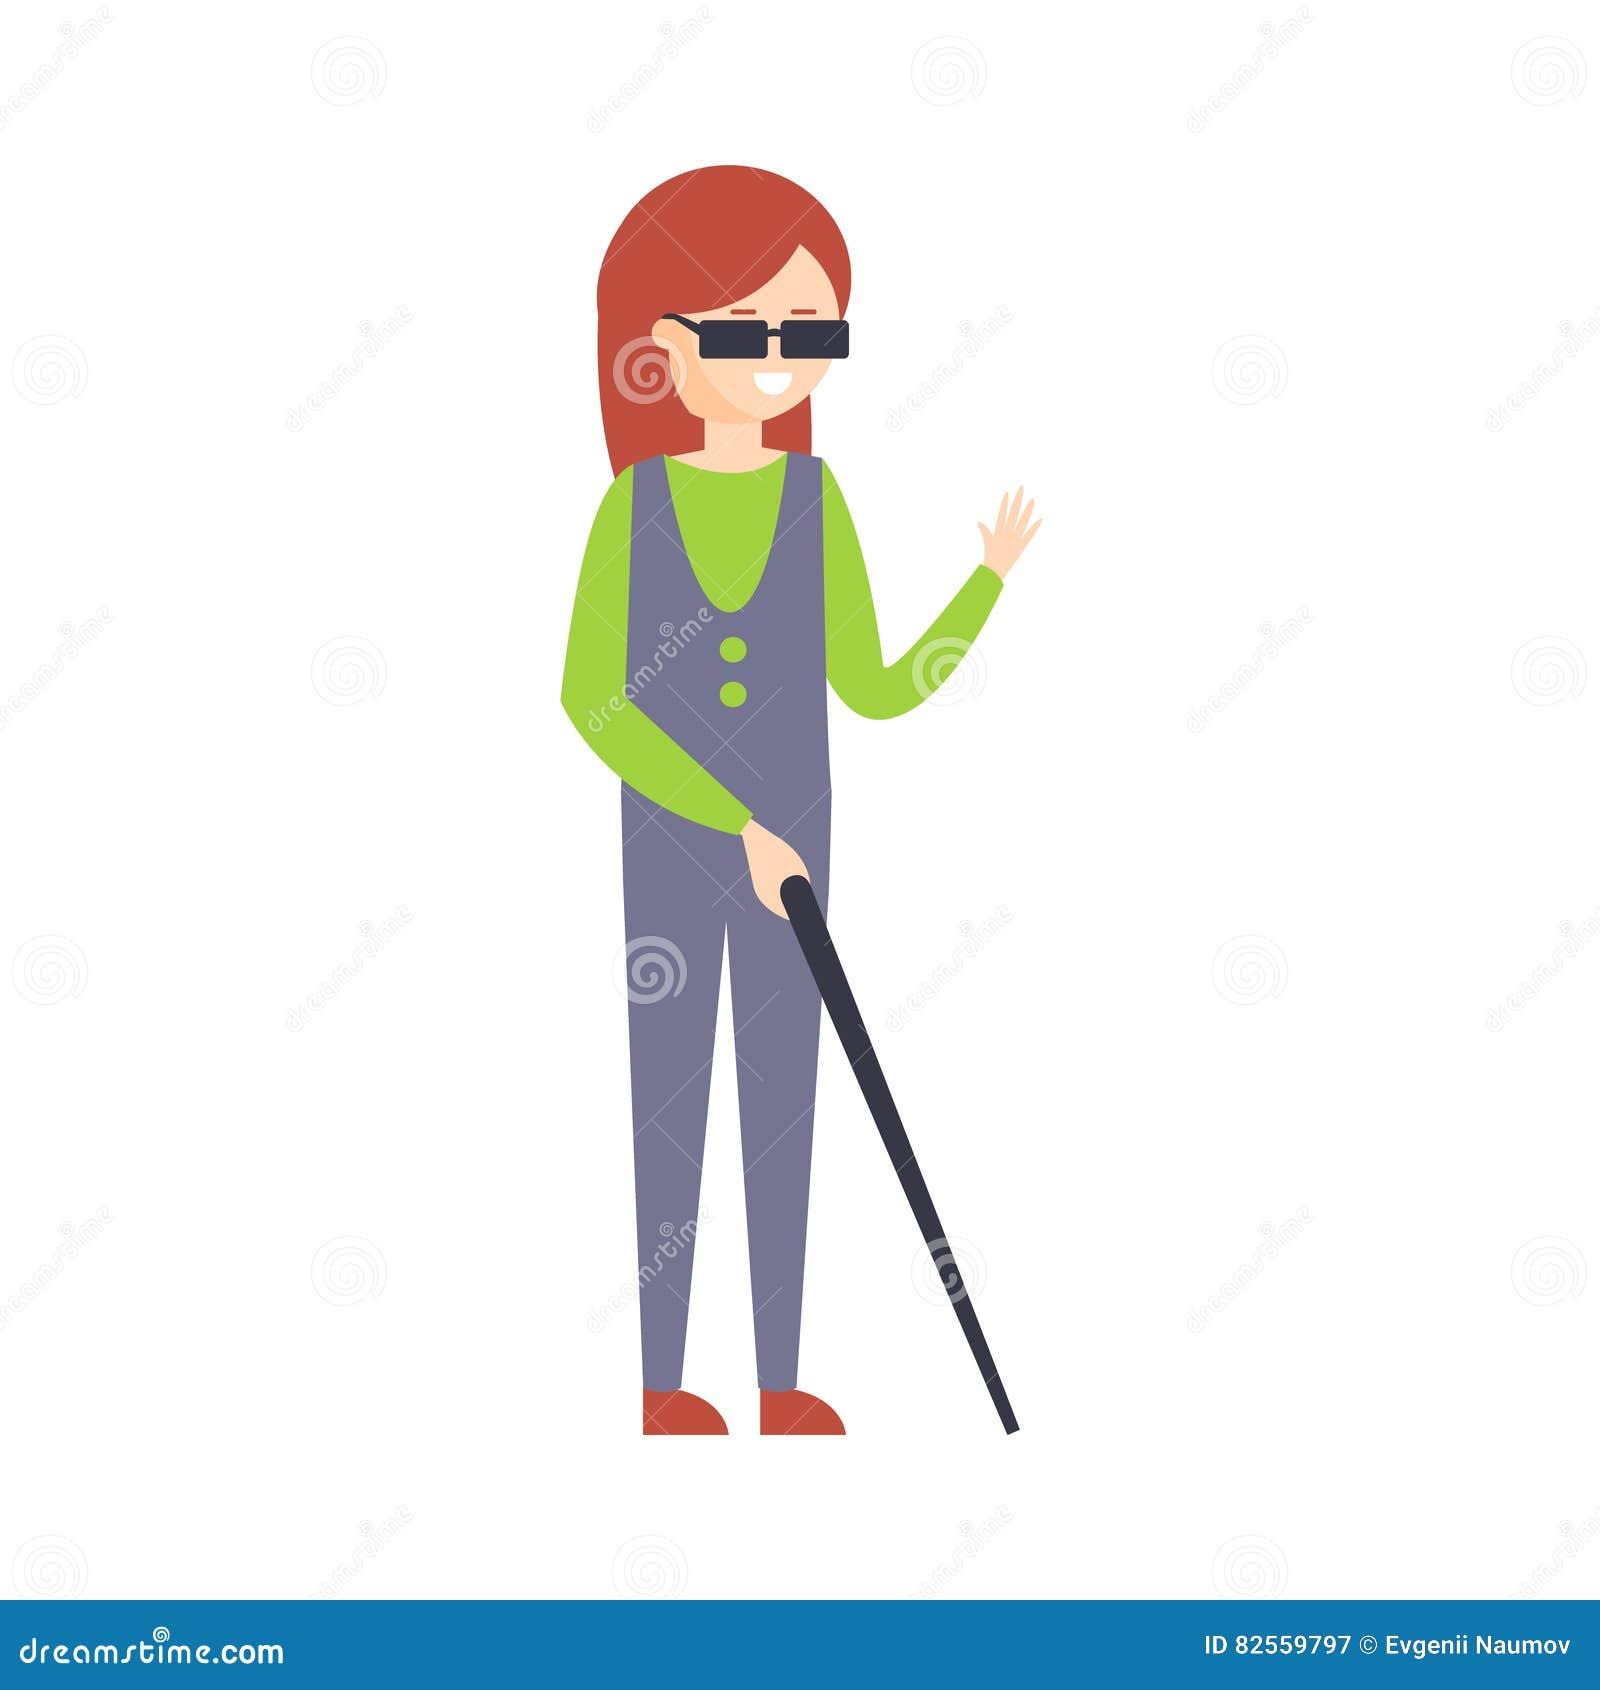 Fysisch Gehandicapt Person Living Full Happy Life met Onbekwaamheidsillustratie met Glimlachende Blnd-Vrouw met Stok